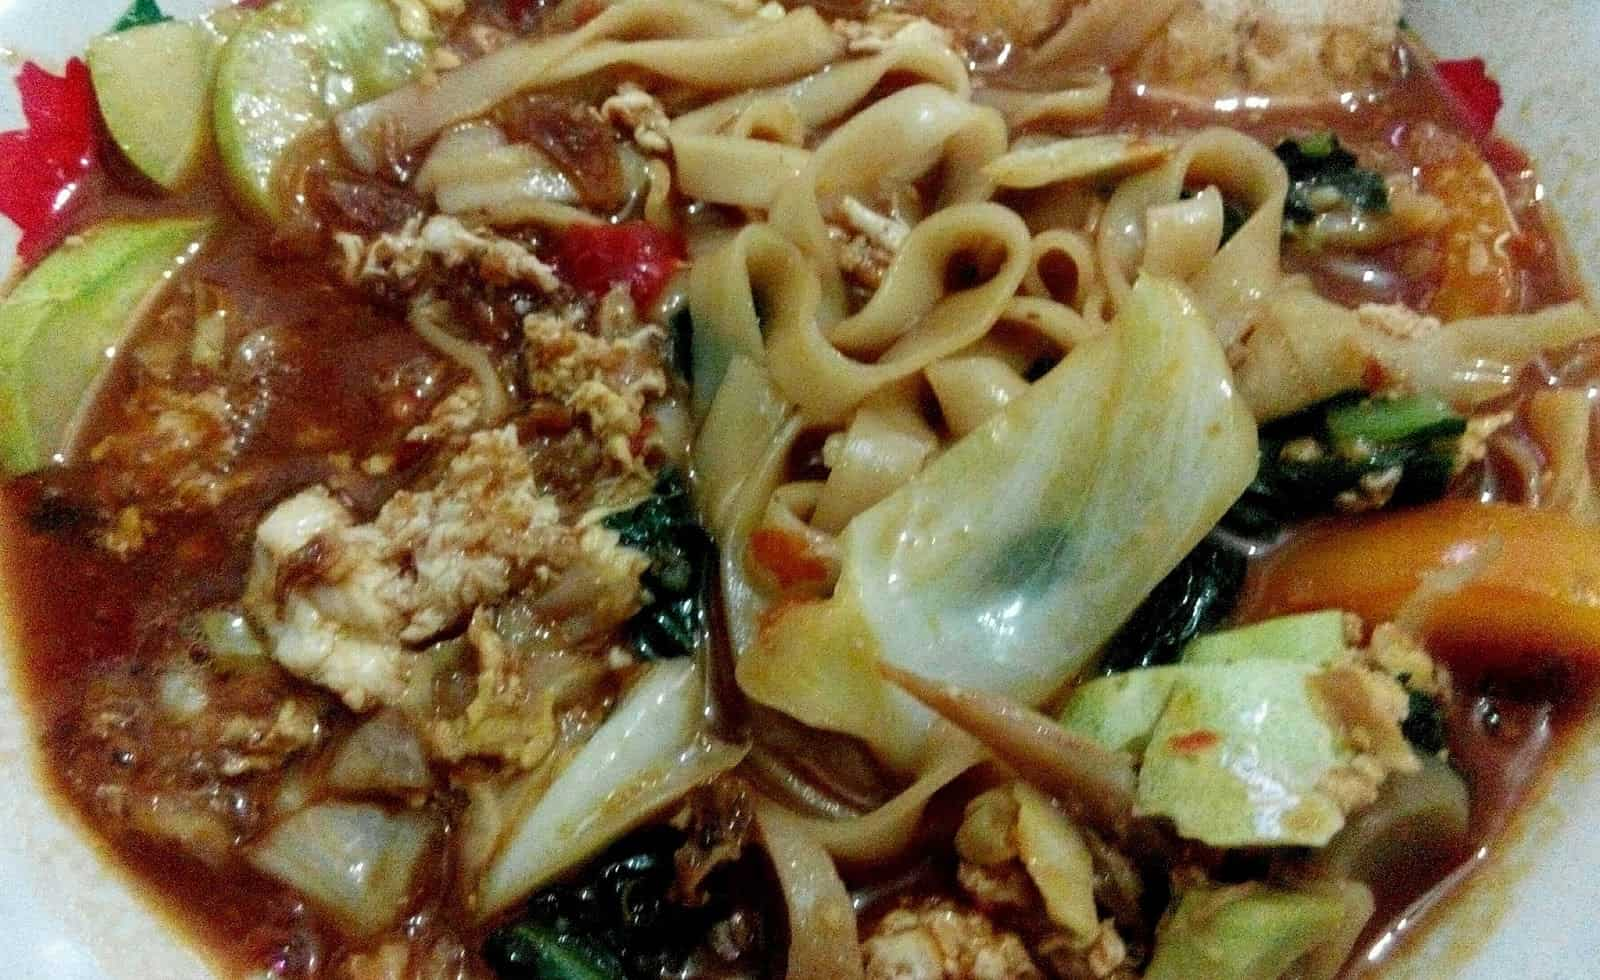 gambar makanan khas kalimantan barat Kwe Tiaw Rebus